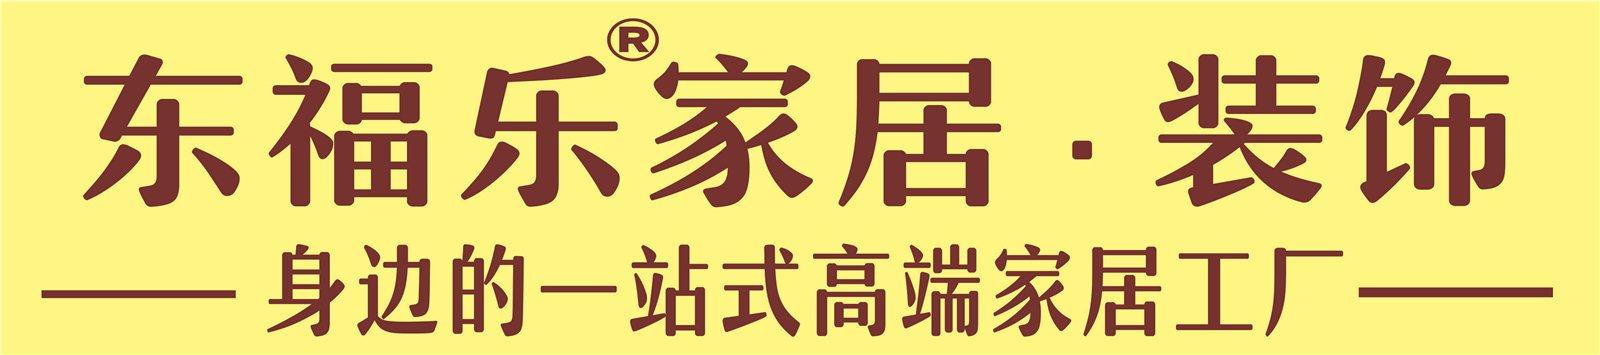 湖北省�|勤科技有限公司